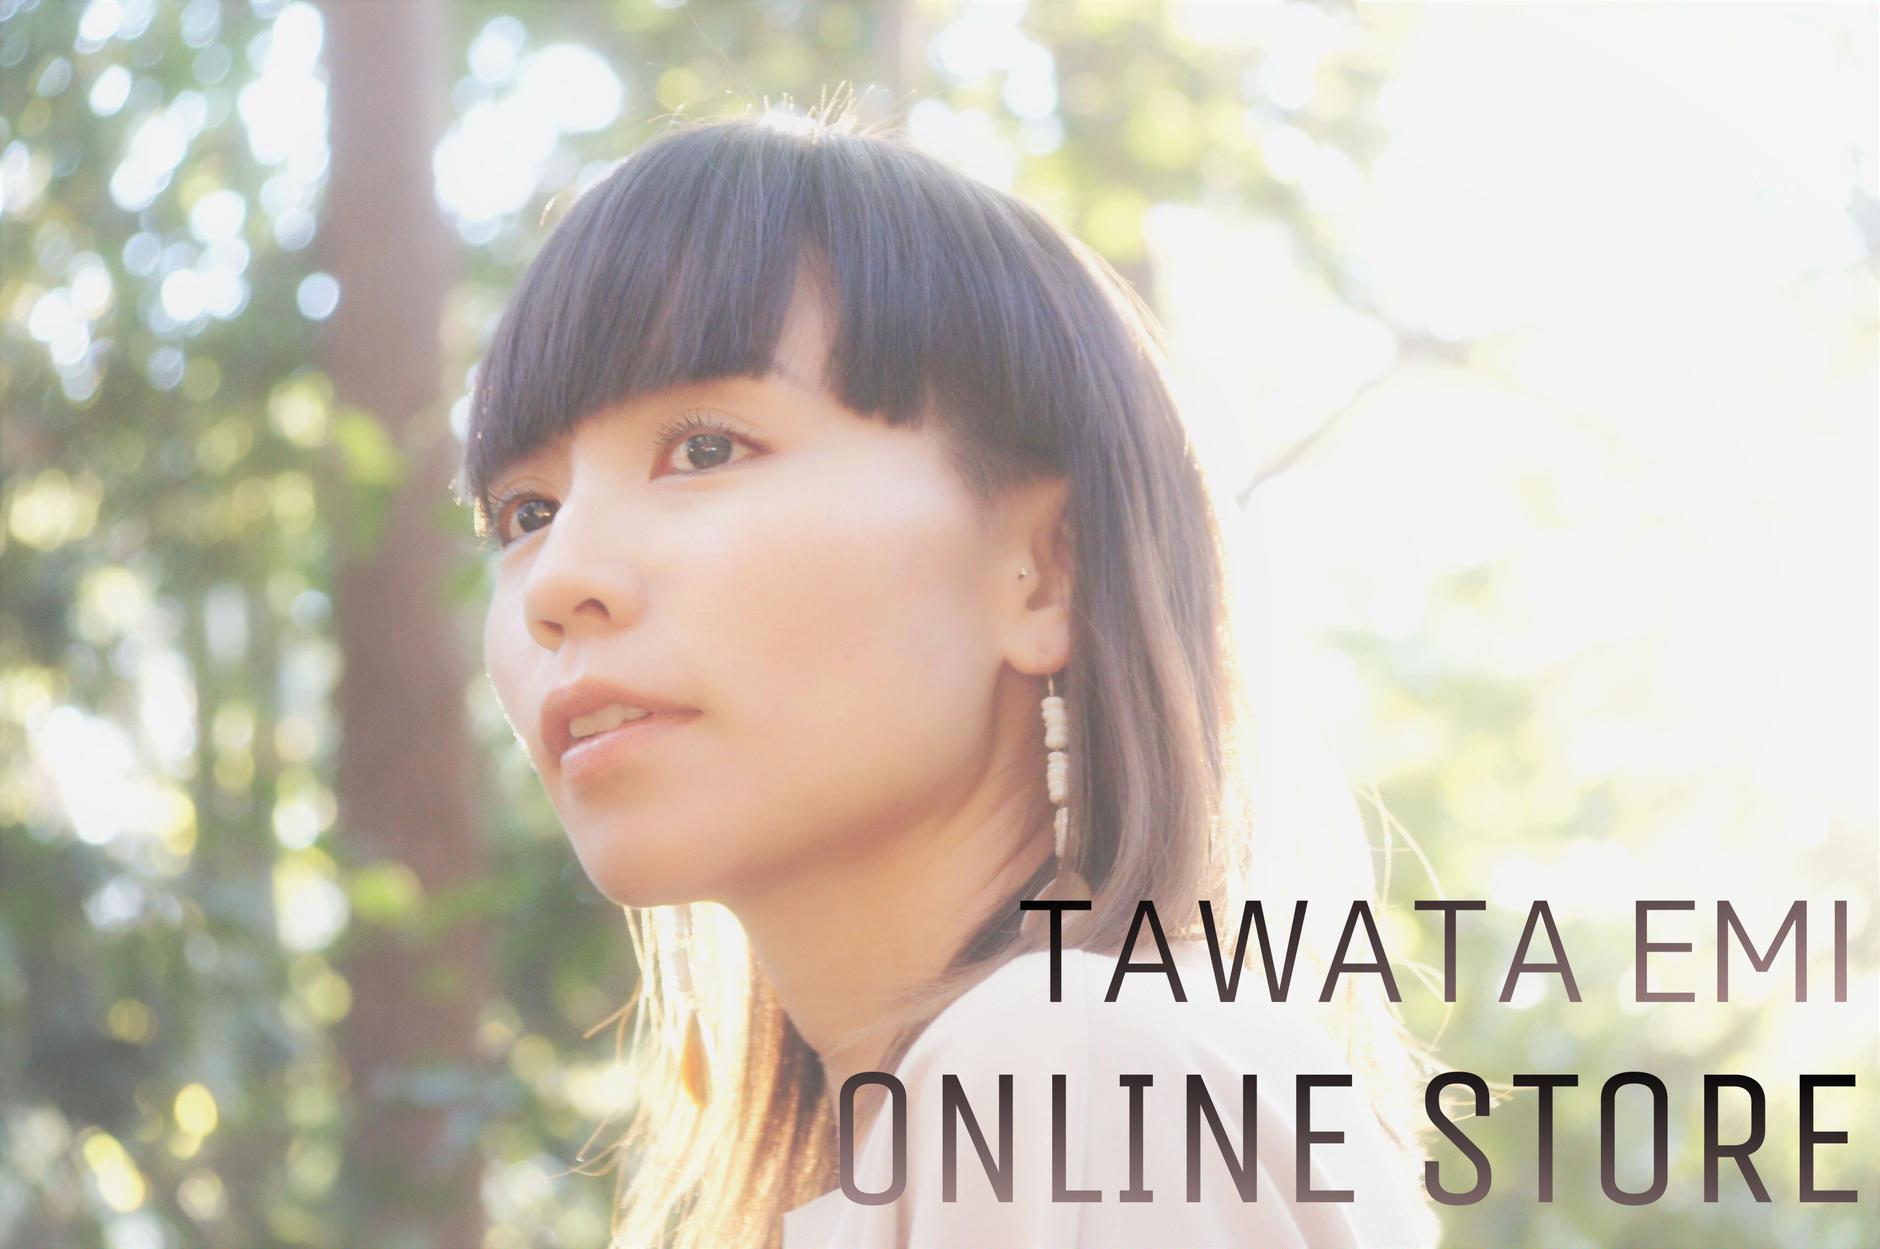 TAWATA EMI ONLINE STORE